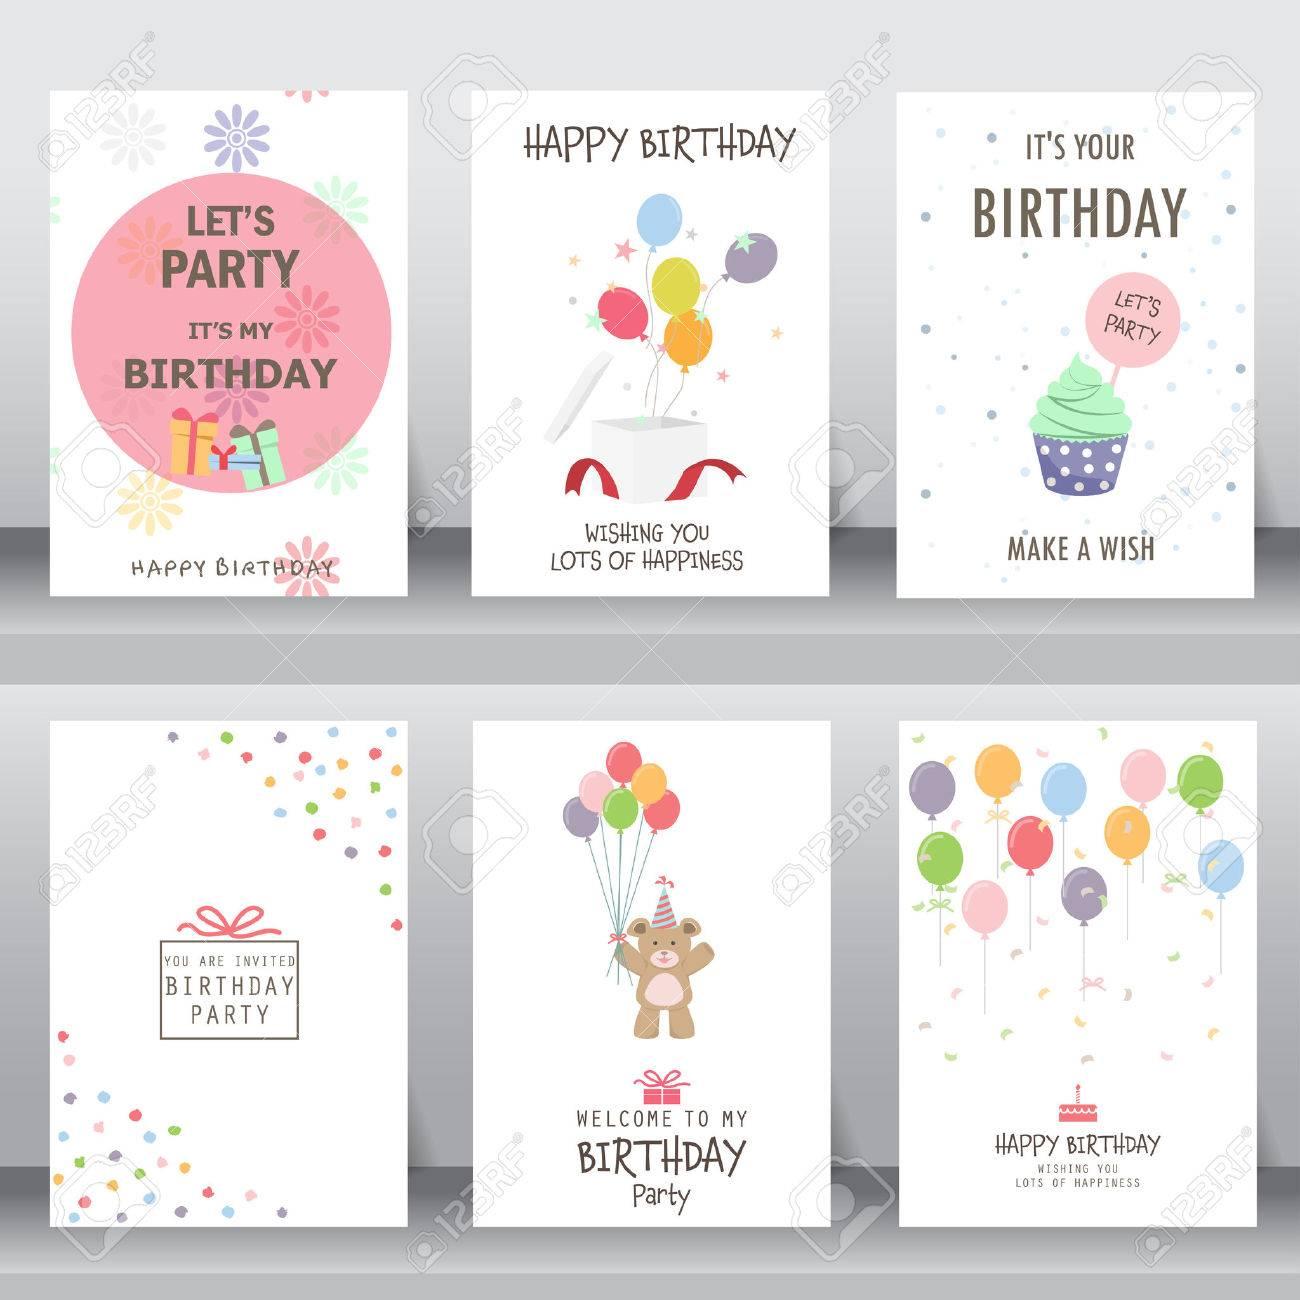 Feliz Cumpleaños Fiesta Saludo De Navidad Y La Tarjeta De Invitación Hay Tipografía Cajas De Regalo Confeti Torta Y El Oso De Peluche Plantilla